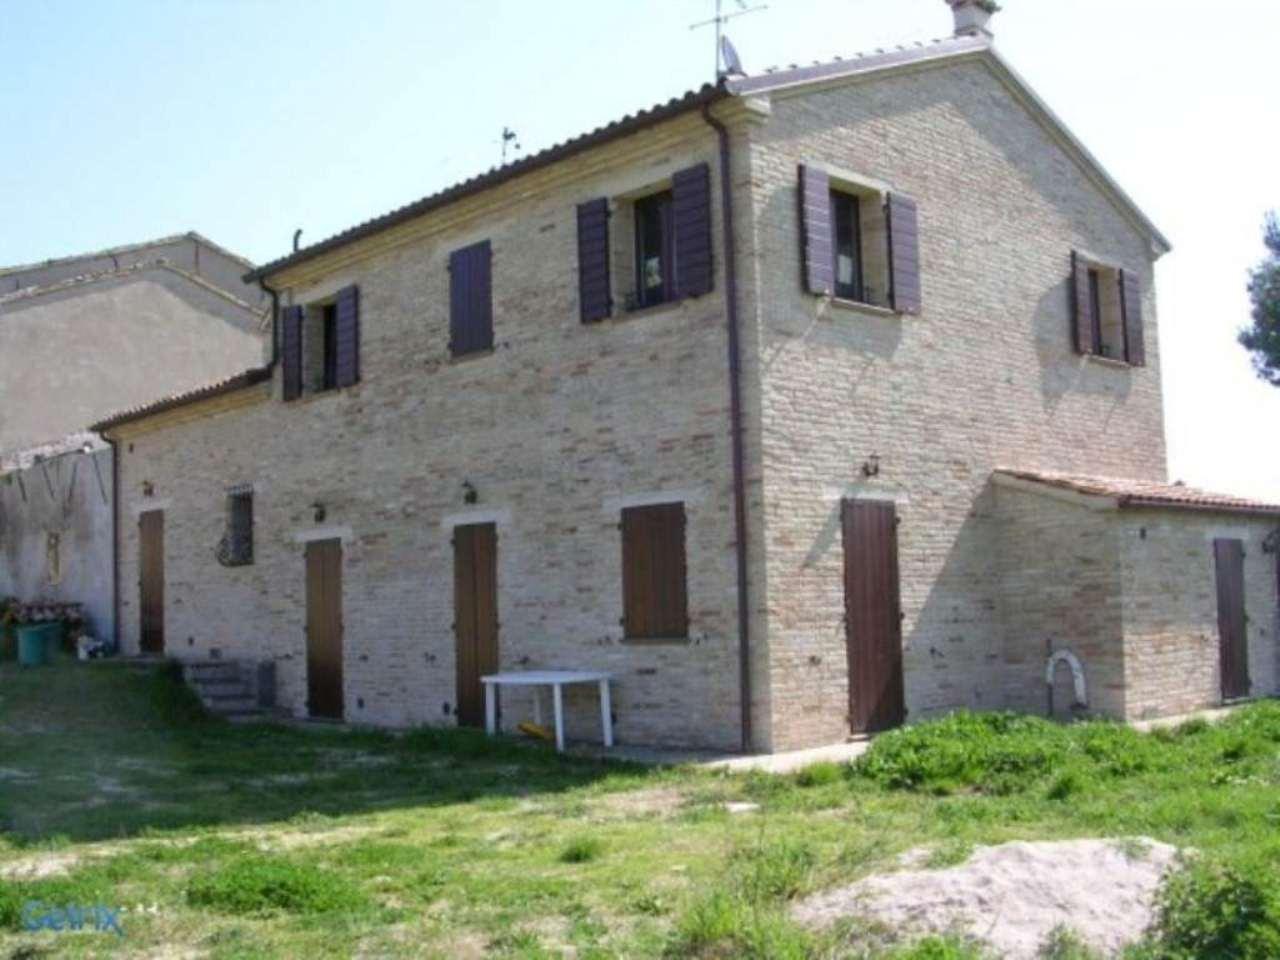 Rustico / Casale in vendita a Pesaro, 8 locali, prezzo € 450.000 | CambioCasa.it